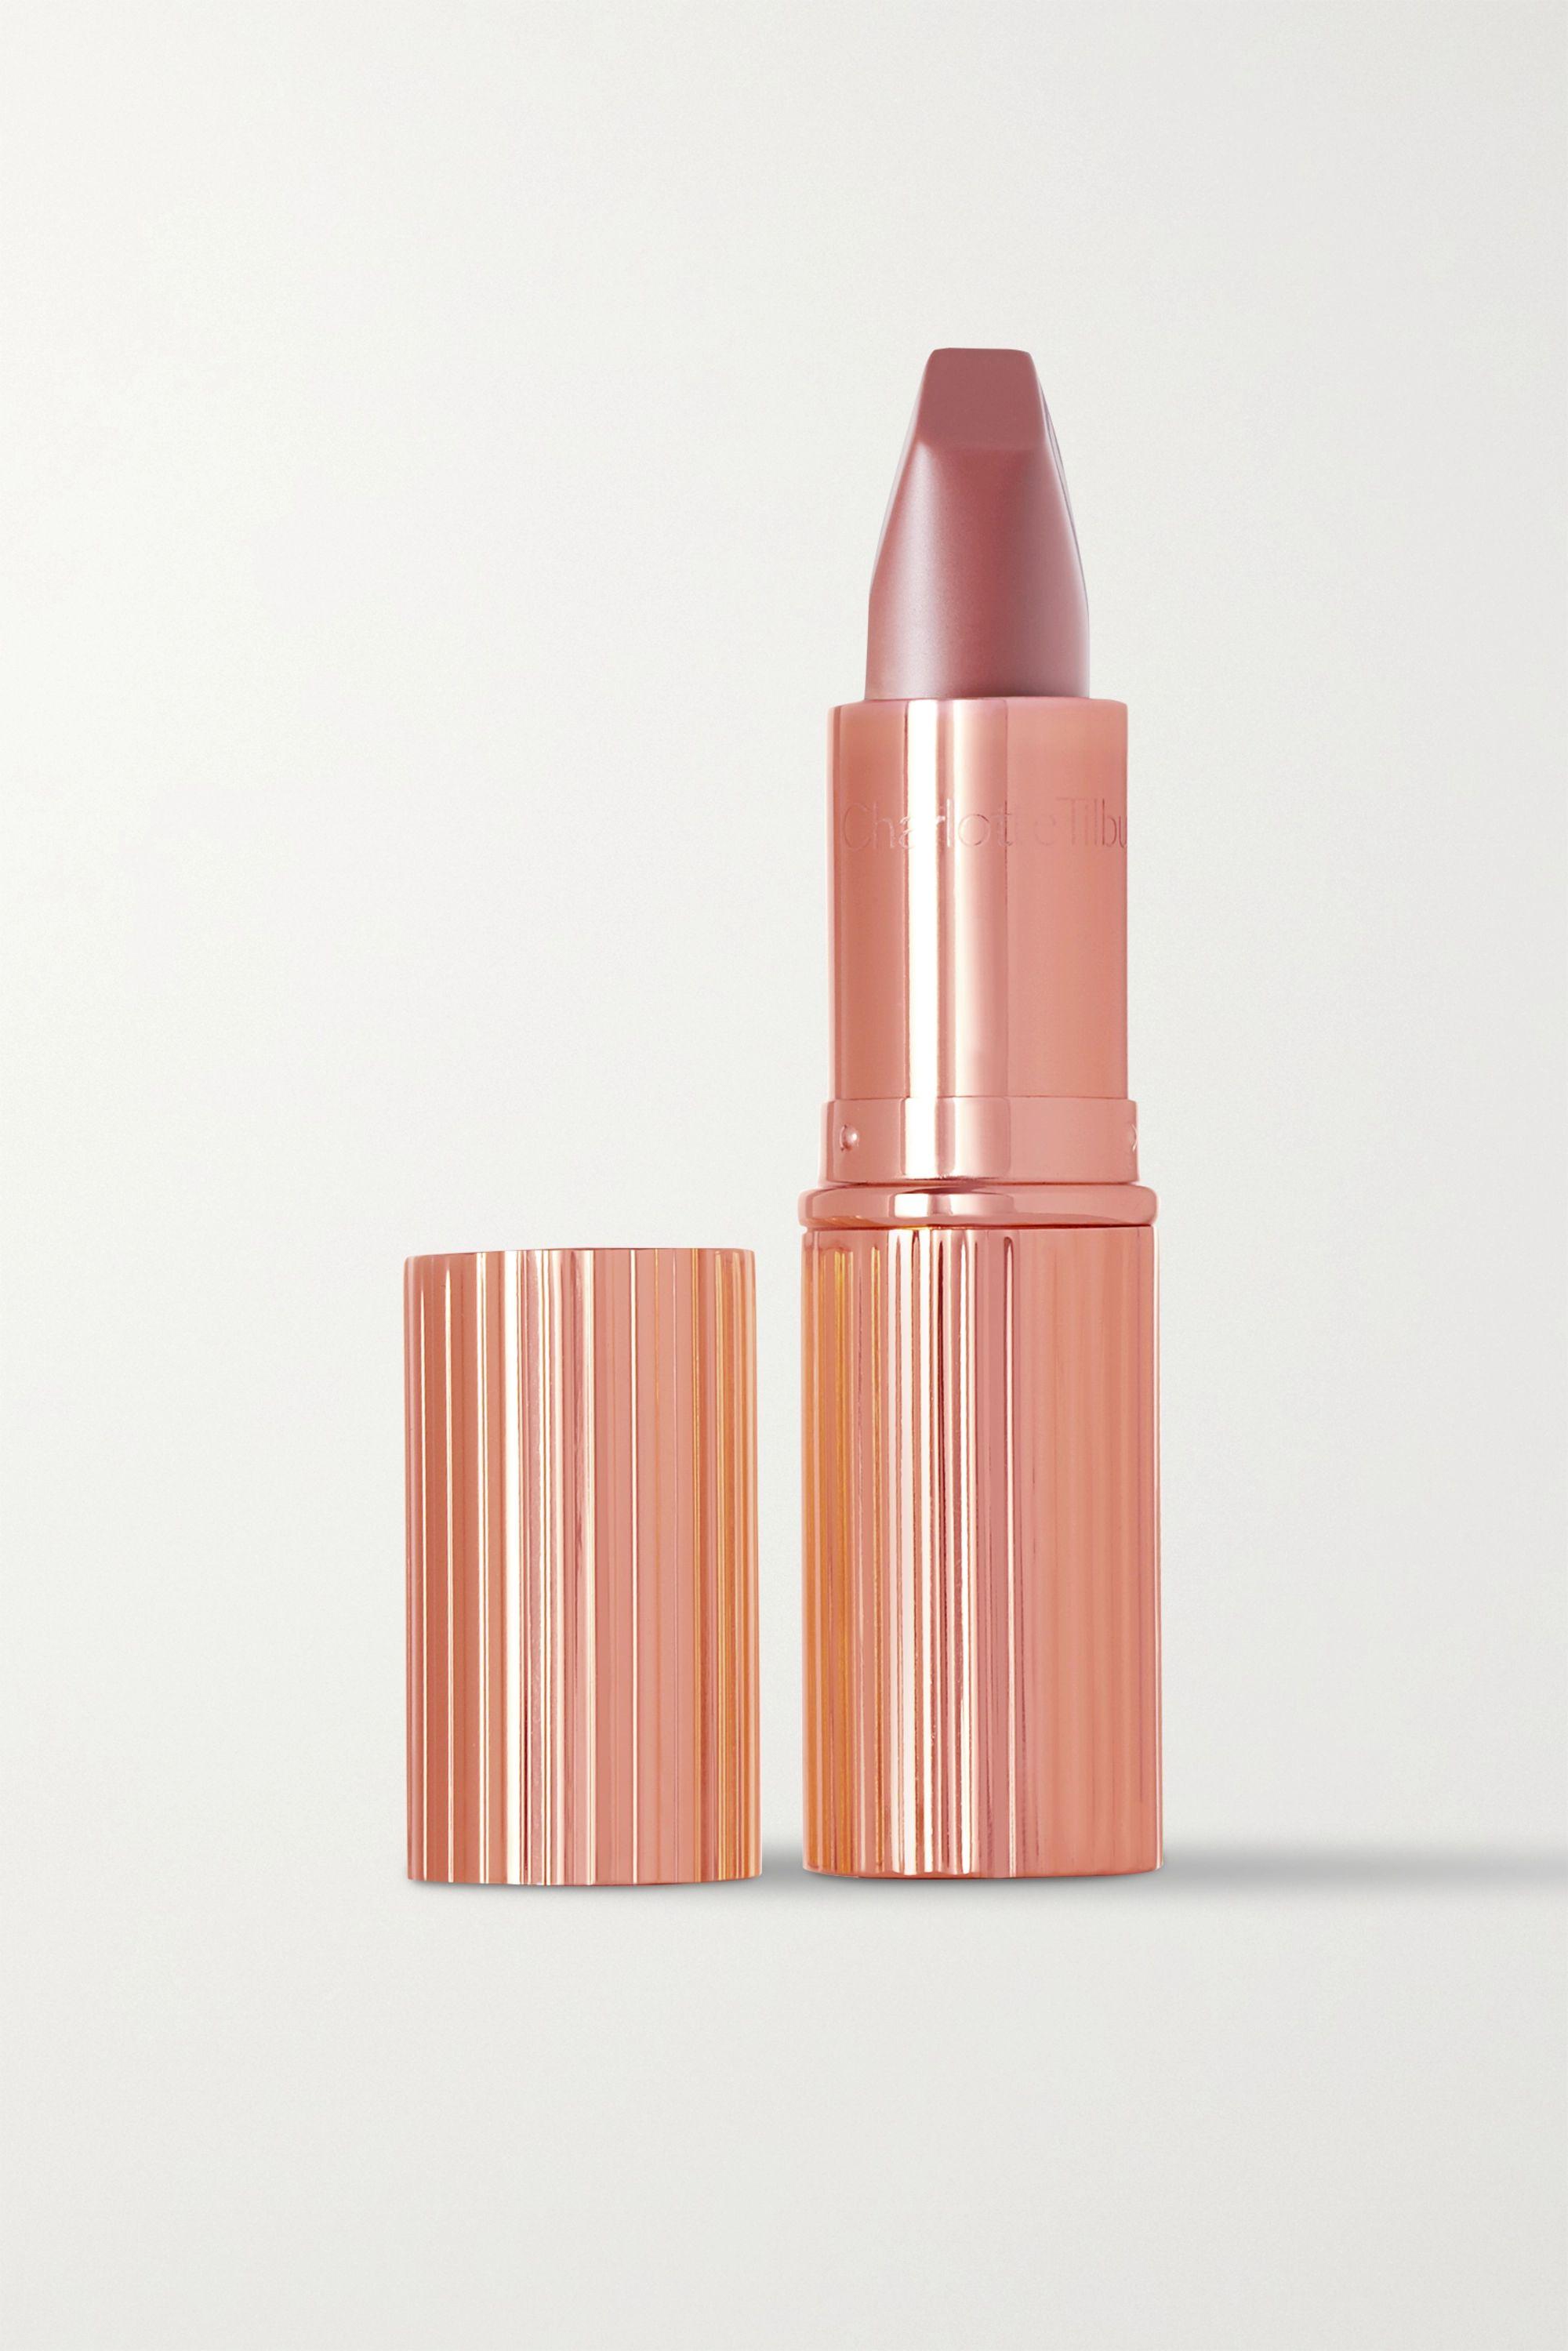 Charlotte Tilbury Matte Revolution Lipstick – Pillow Talk – Lippenstift